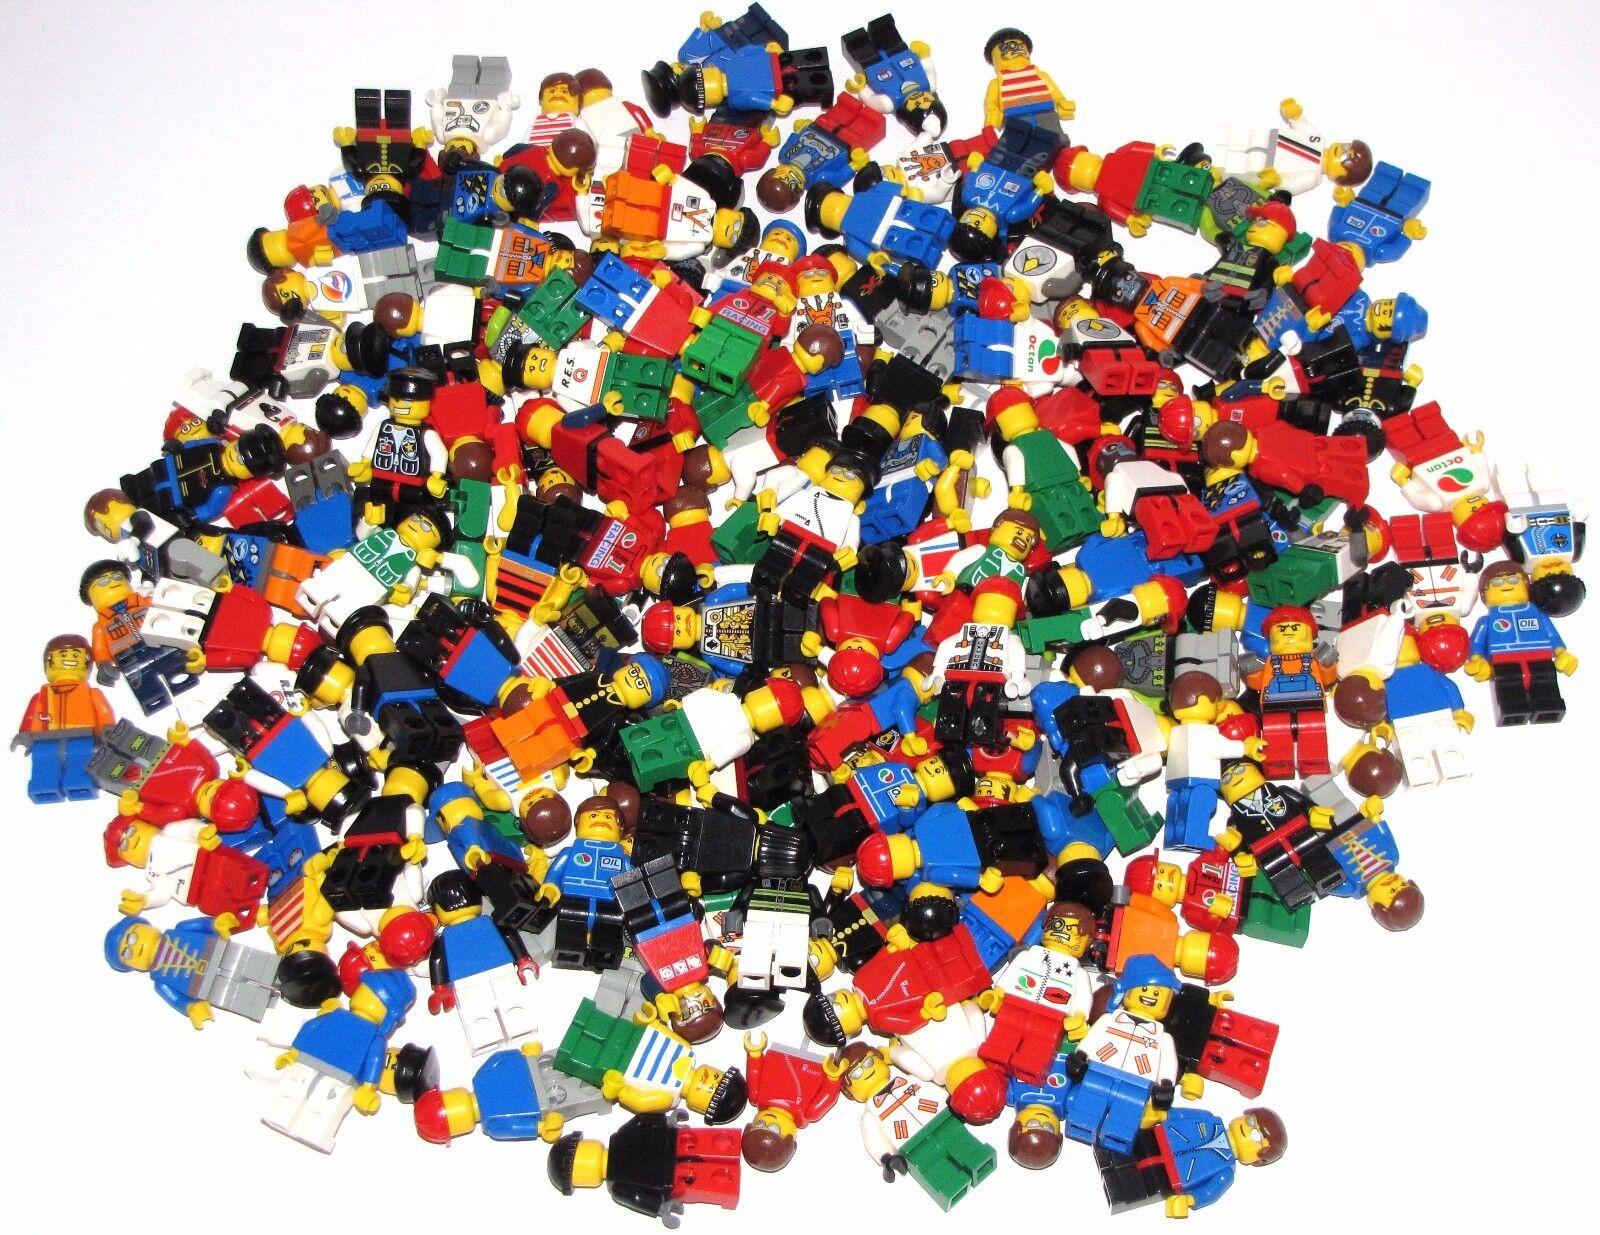 Lego Lot Of 100 Minifiguras Ciudad City City City Ninjago más Grab Bag Aleatorio Figuras 357b27